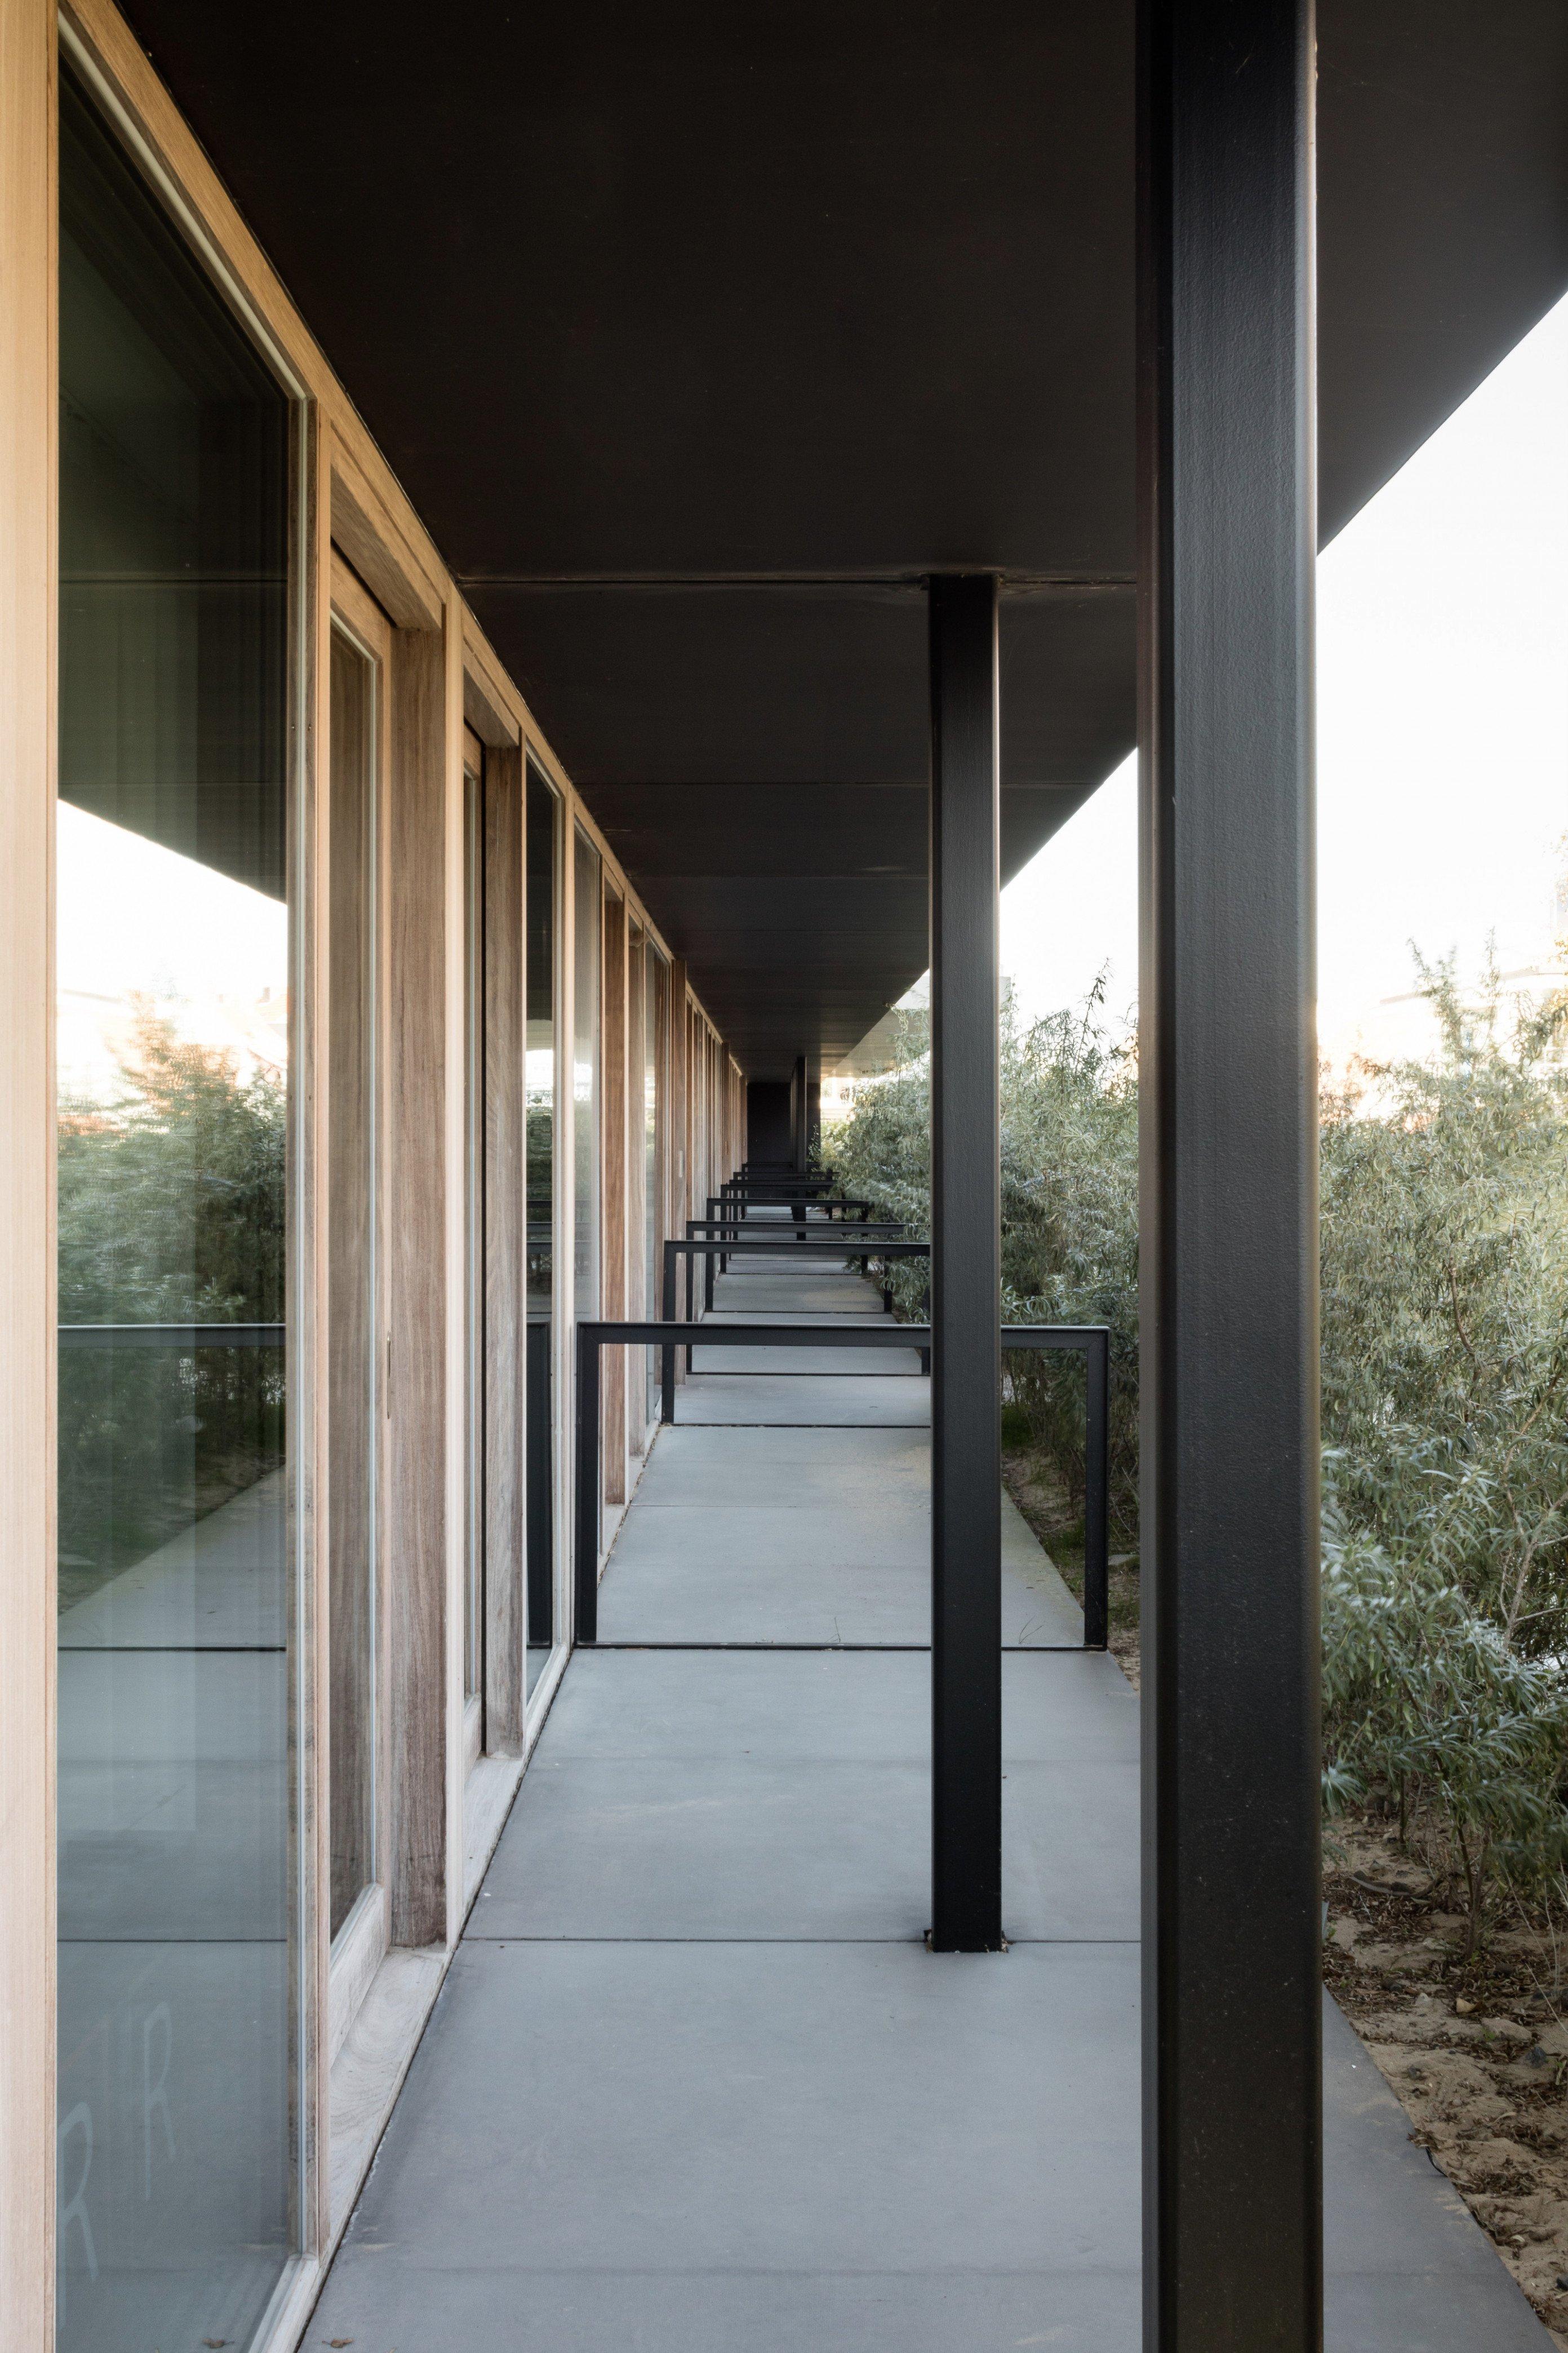 Rietveldprojects-Corbu-Koksijde-Fototimvandevelde11.jpg